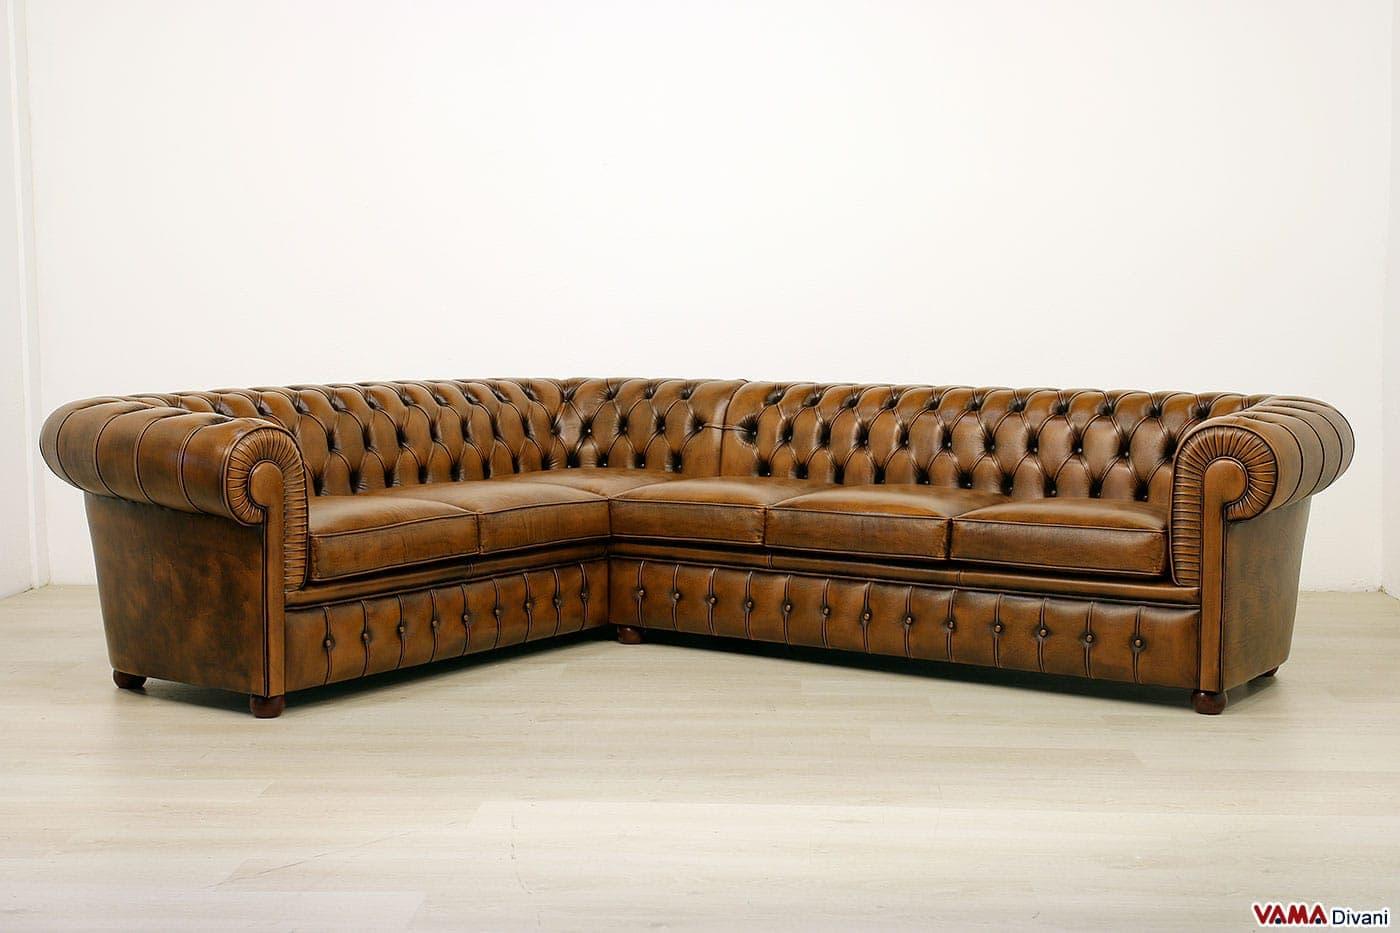 Divani ad angolo prezzi 28 images divano angolo pelle idee per il design della casa divano - Divano ad angolo in pelle ...